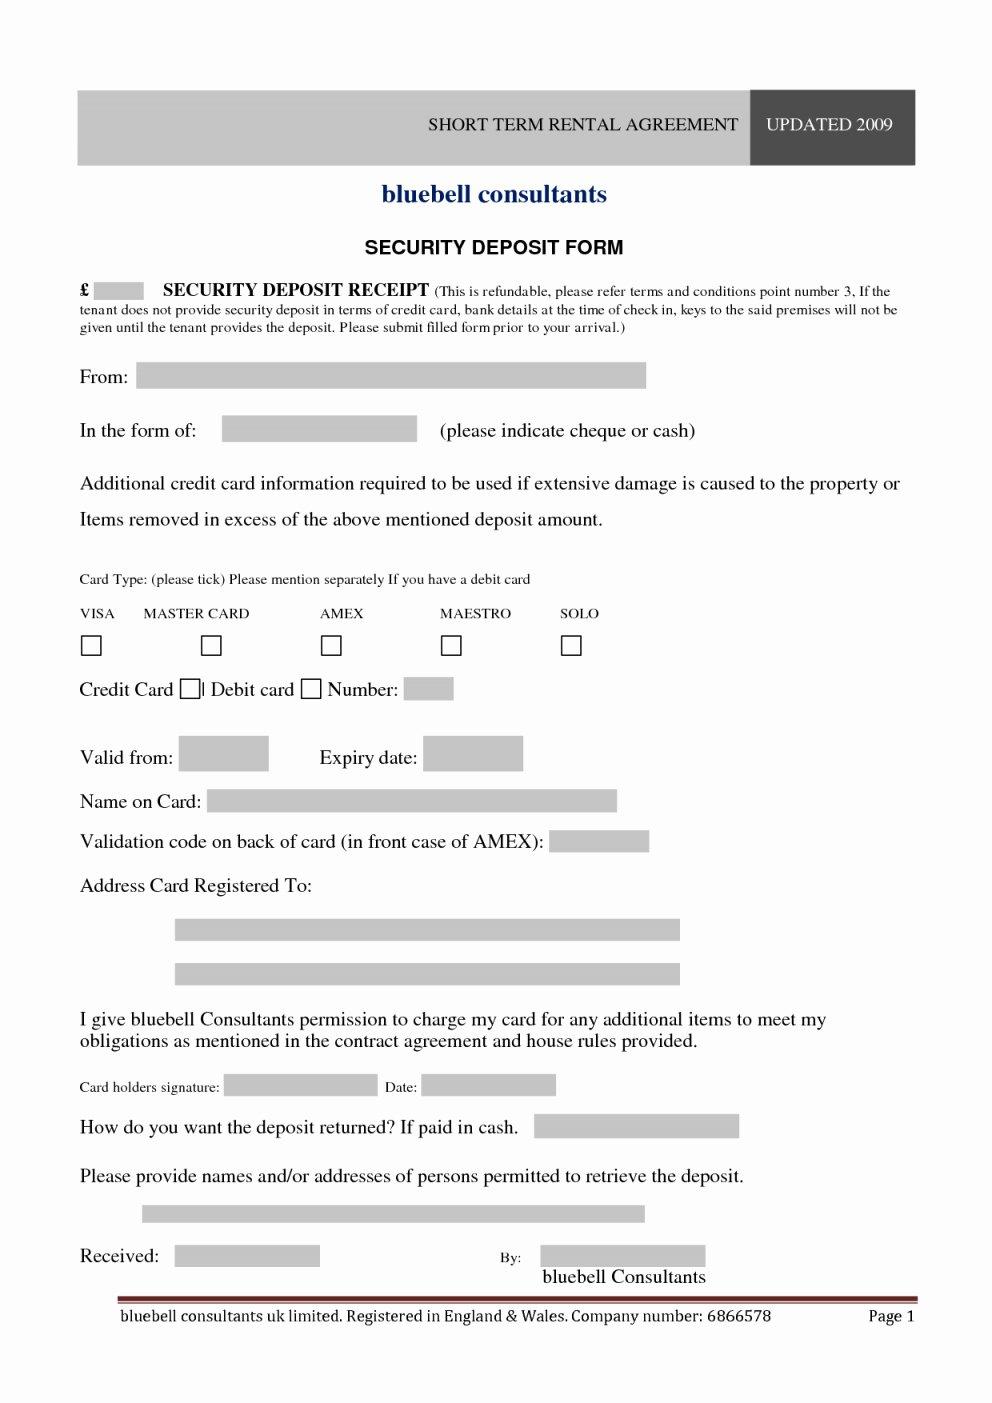 Short Term Rental Agreement Template Unique Weekly Rental Agreement Template